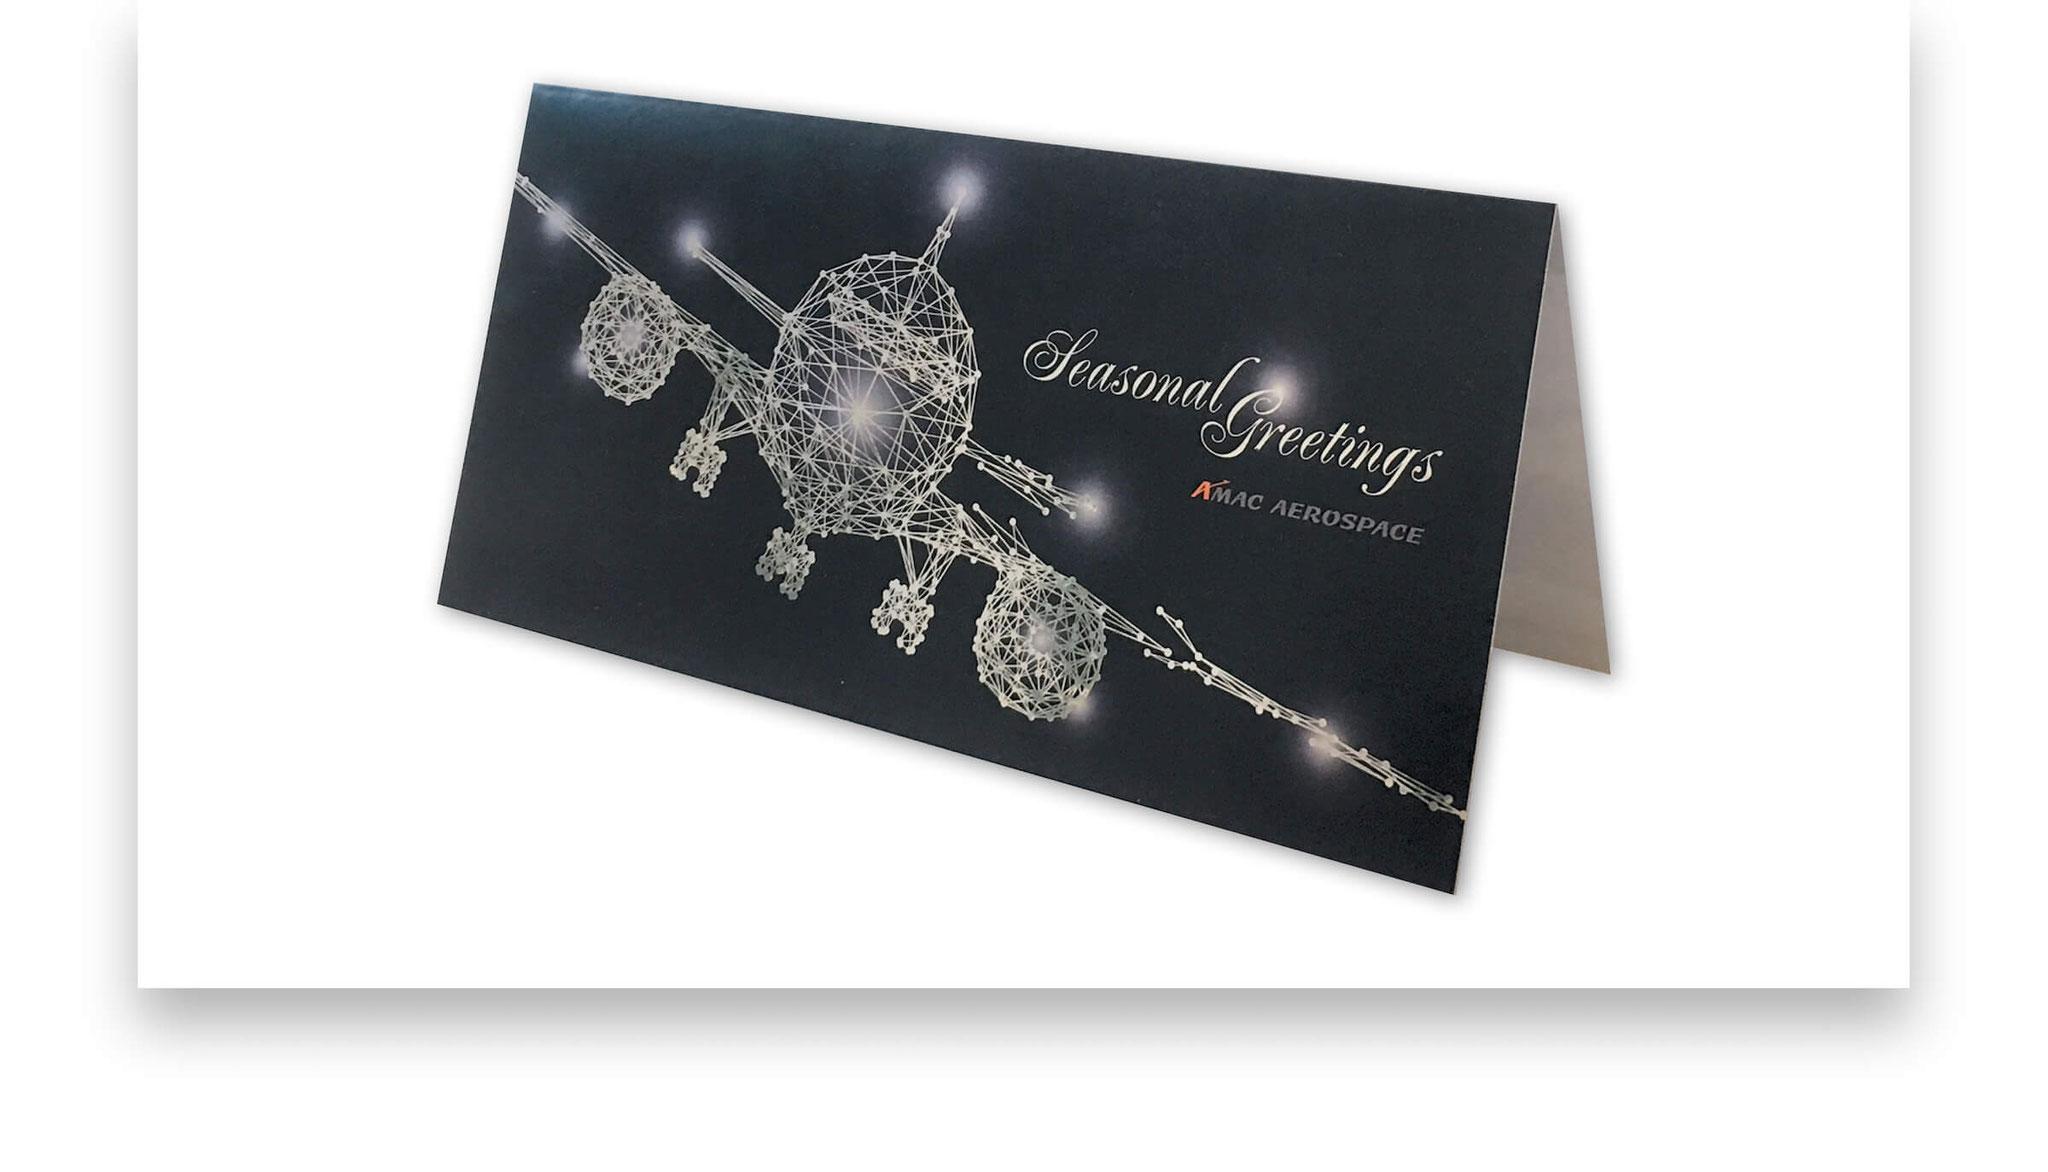 Saisonale Grusskarte, Digitaldruck auf hochglänzendem Metallic-Karton Silber.